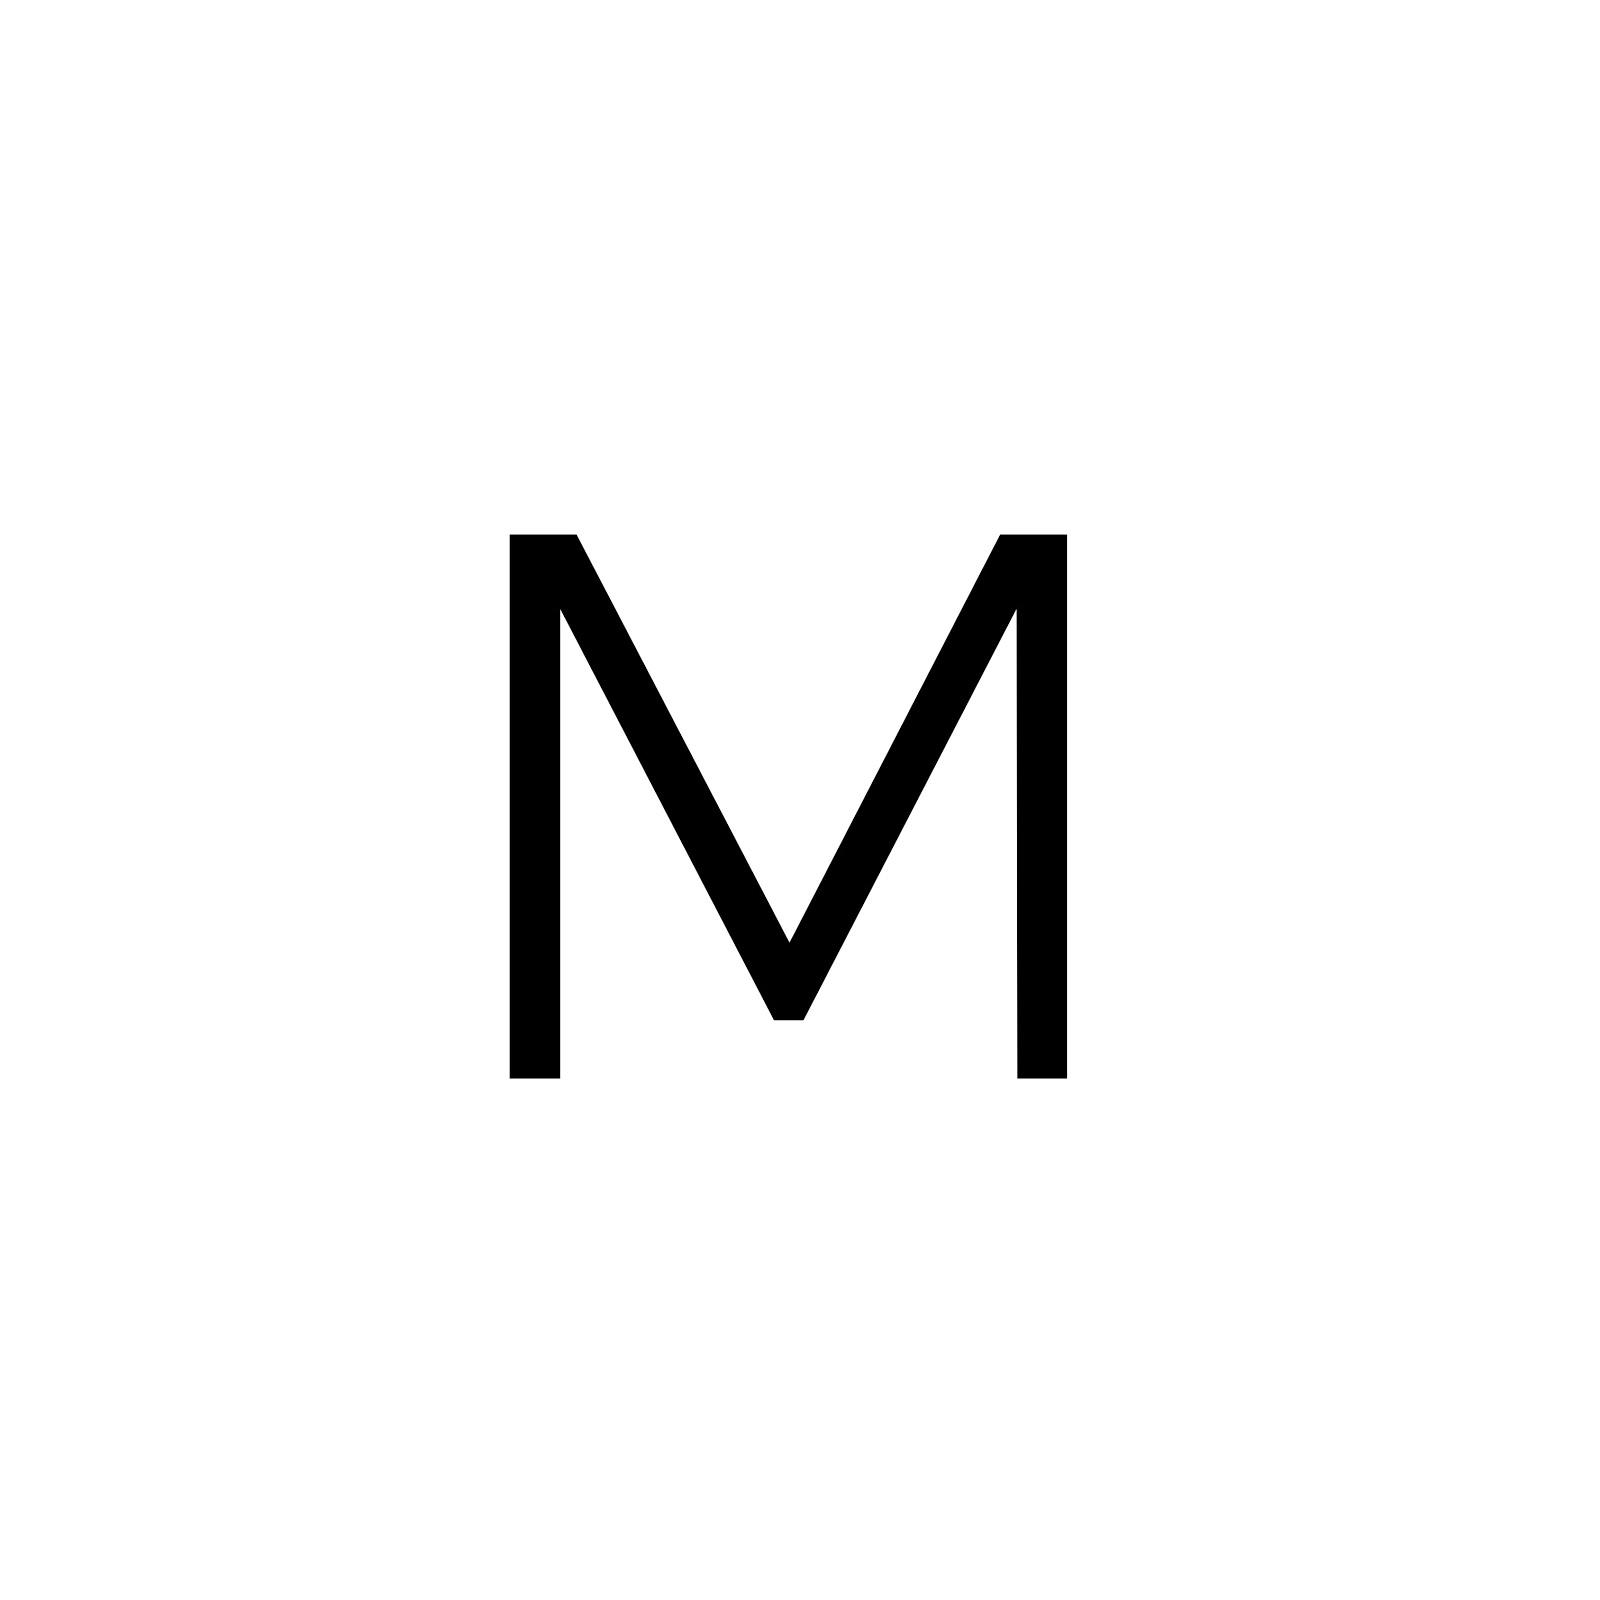 About Minimylism